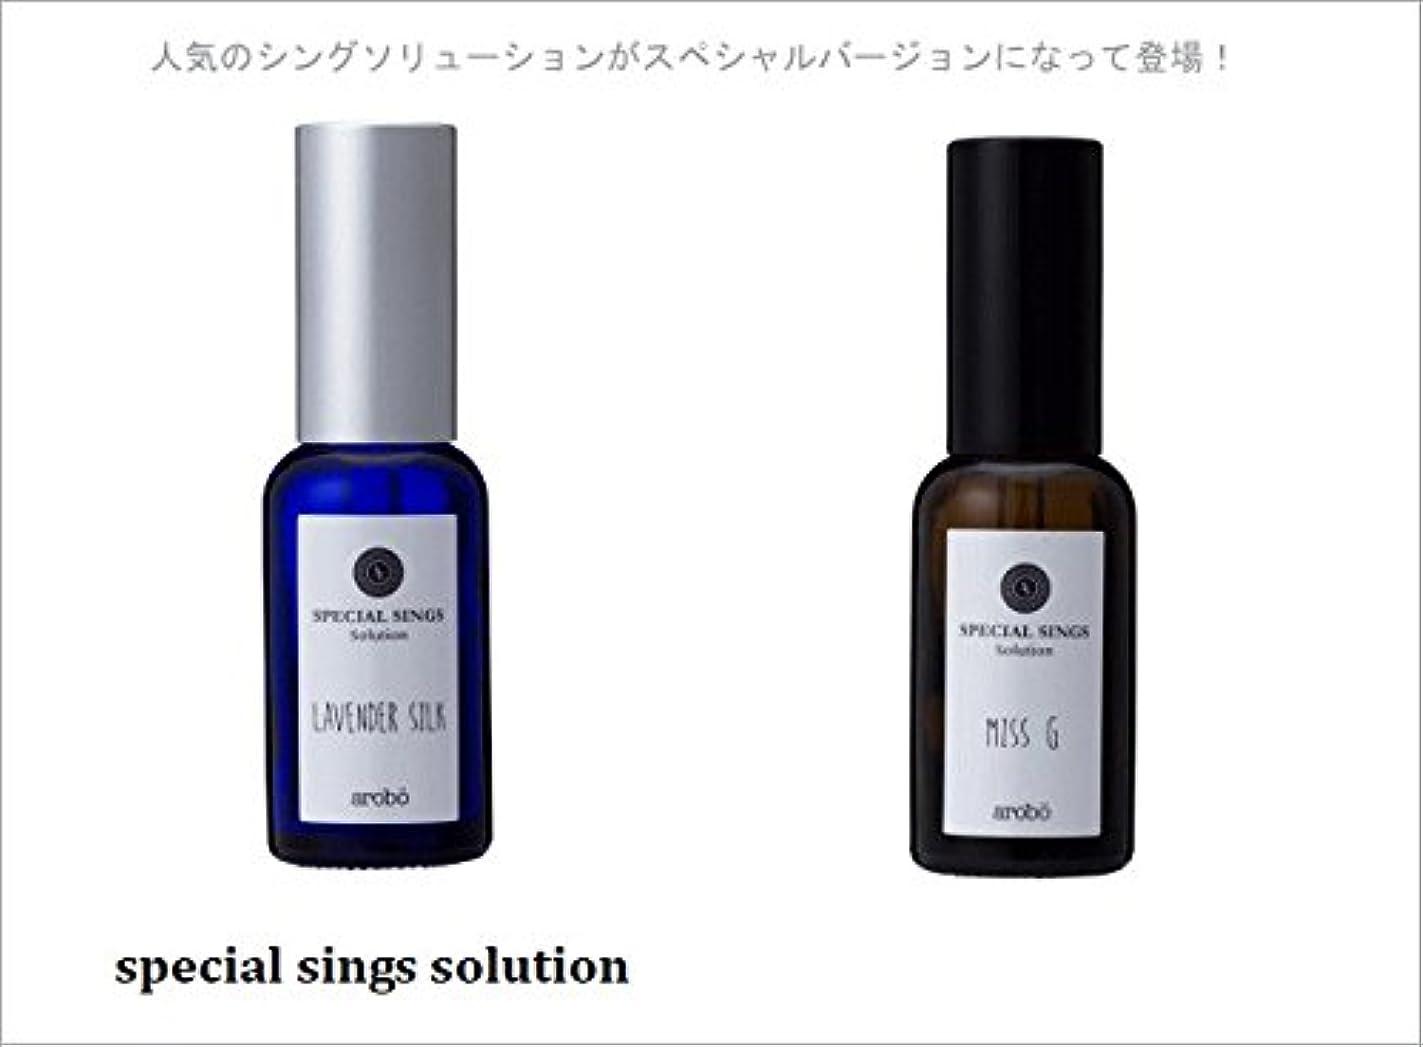 変形ファッション敵対的arobo(アロボ) 専用ソリューション CLV- 831 Lavender Silk